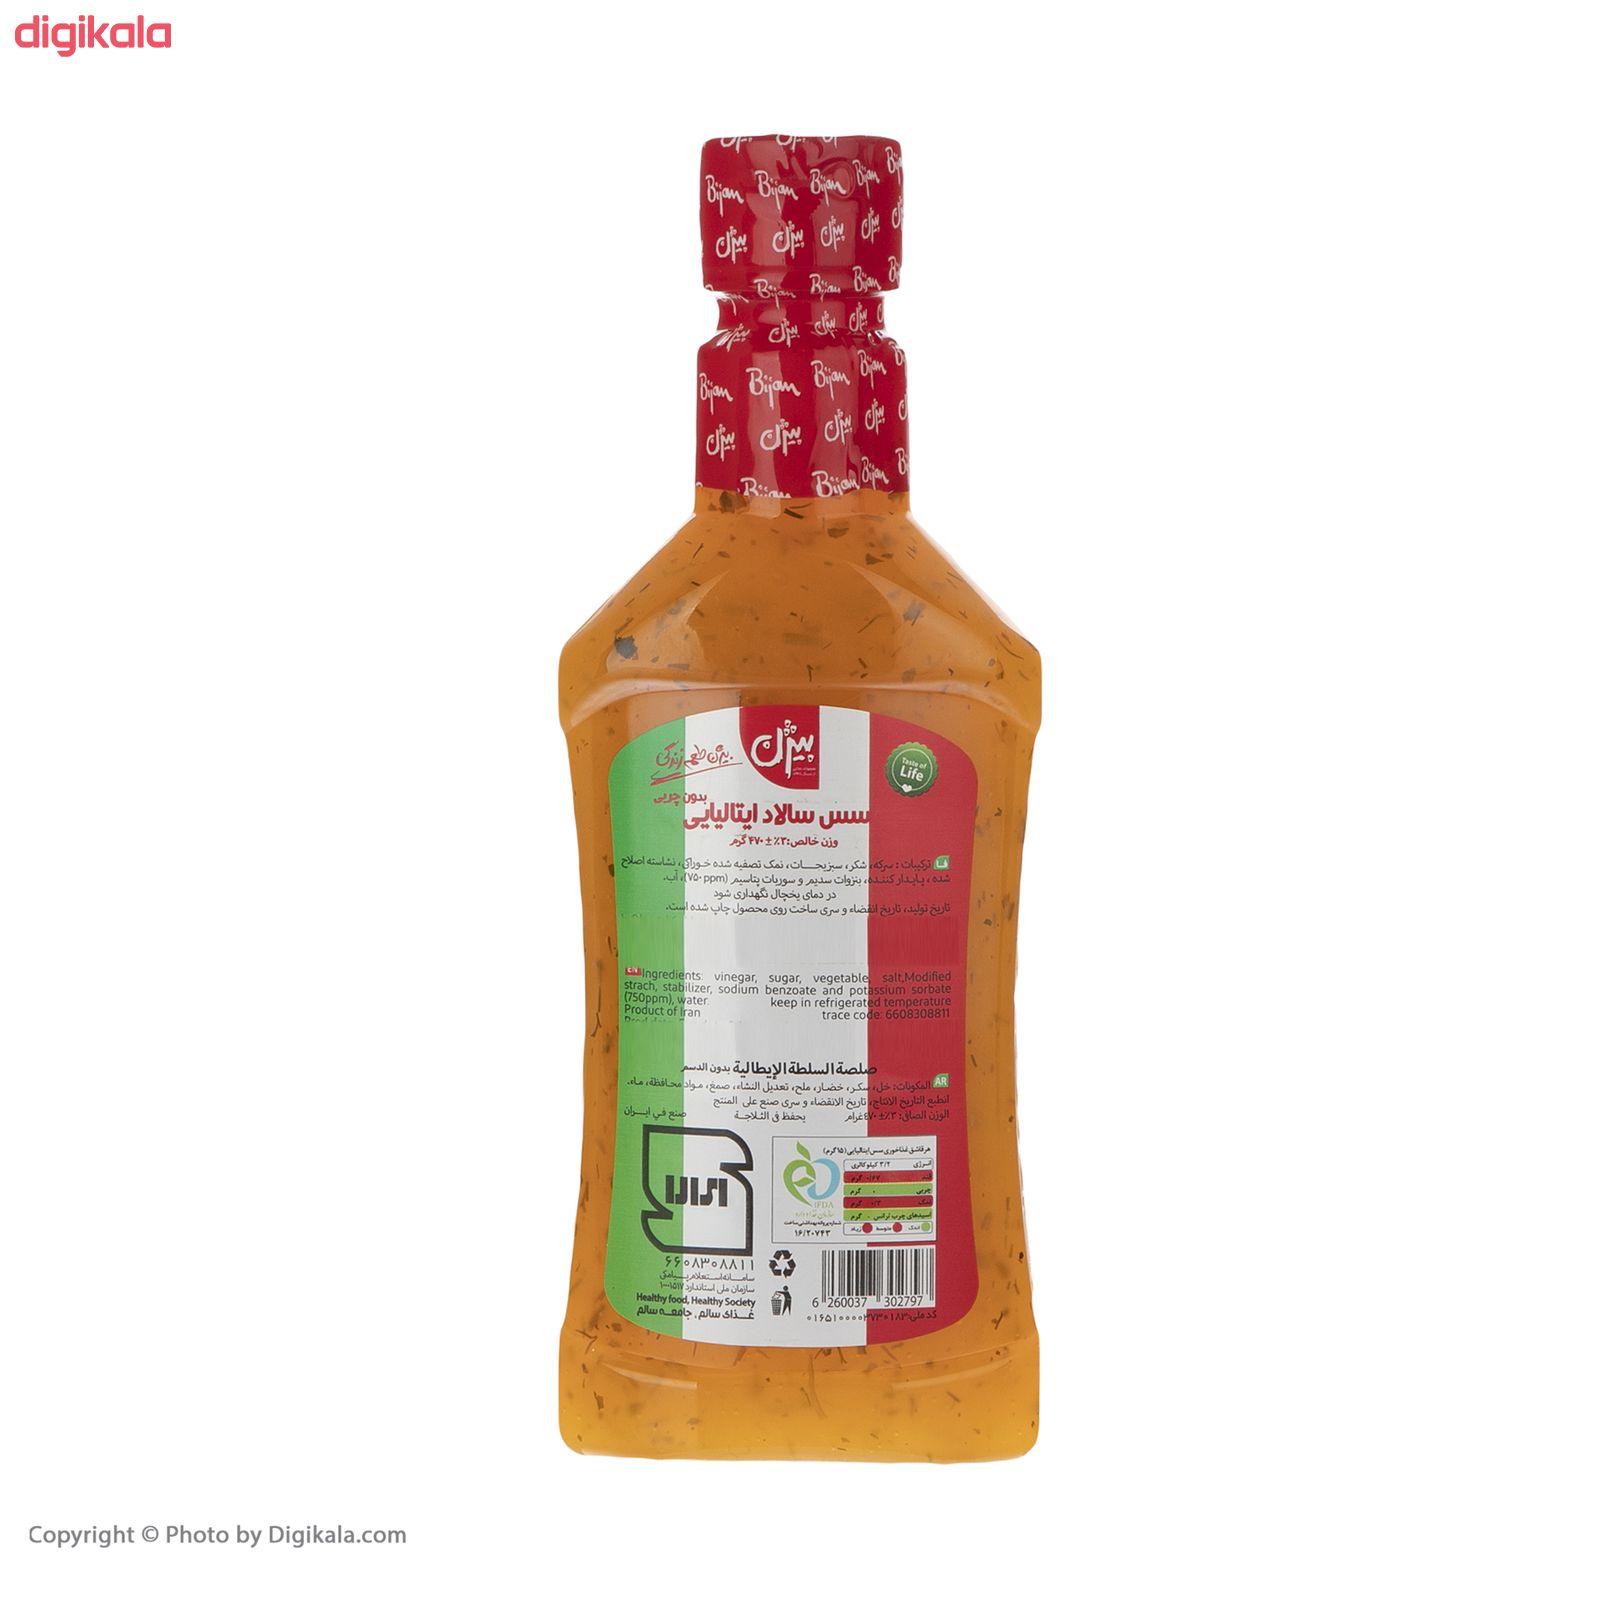 سس ایتالیایی بدون چربی بیژن - 470 گرم main 1 1